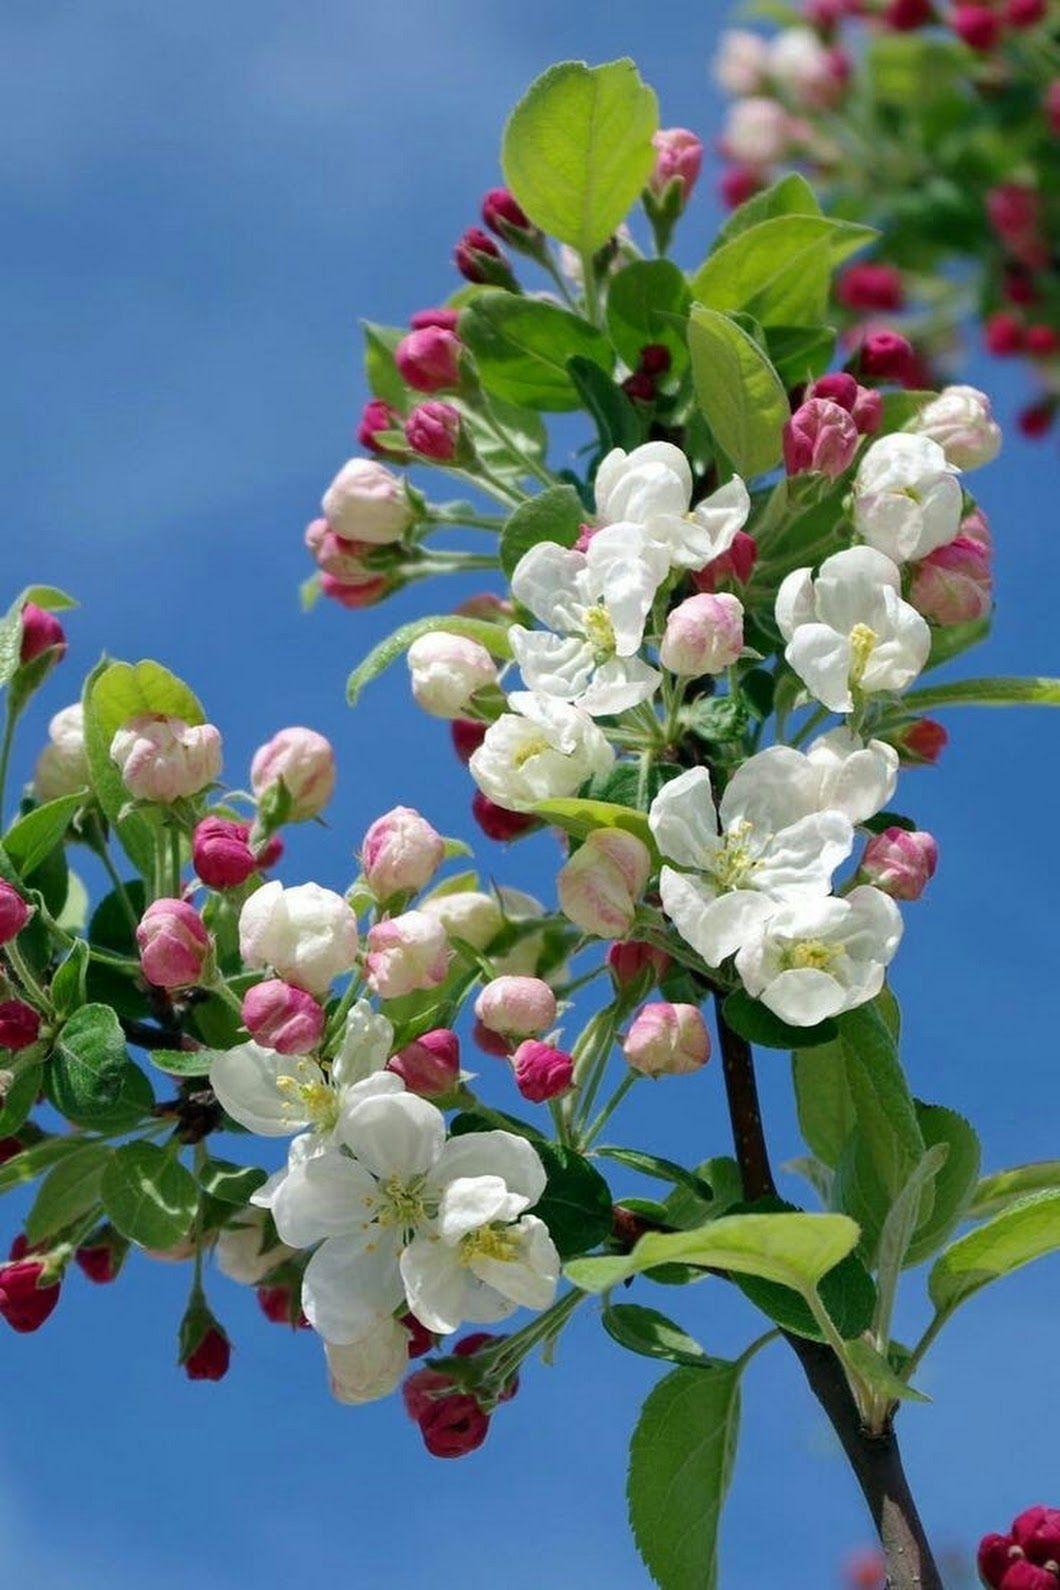 Schn Grow Rose Garden Pinterest Flowers White Flowering